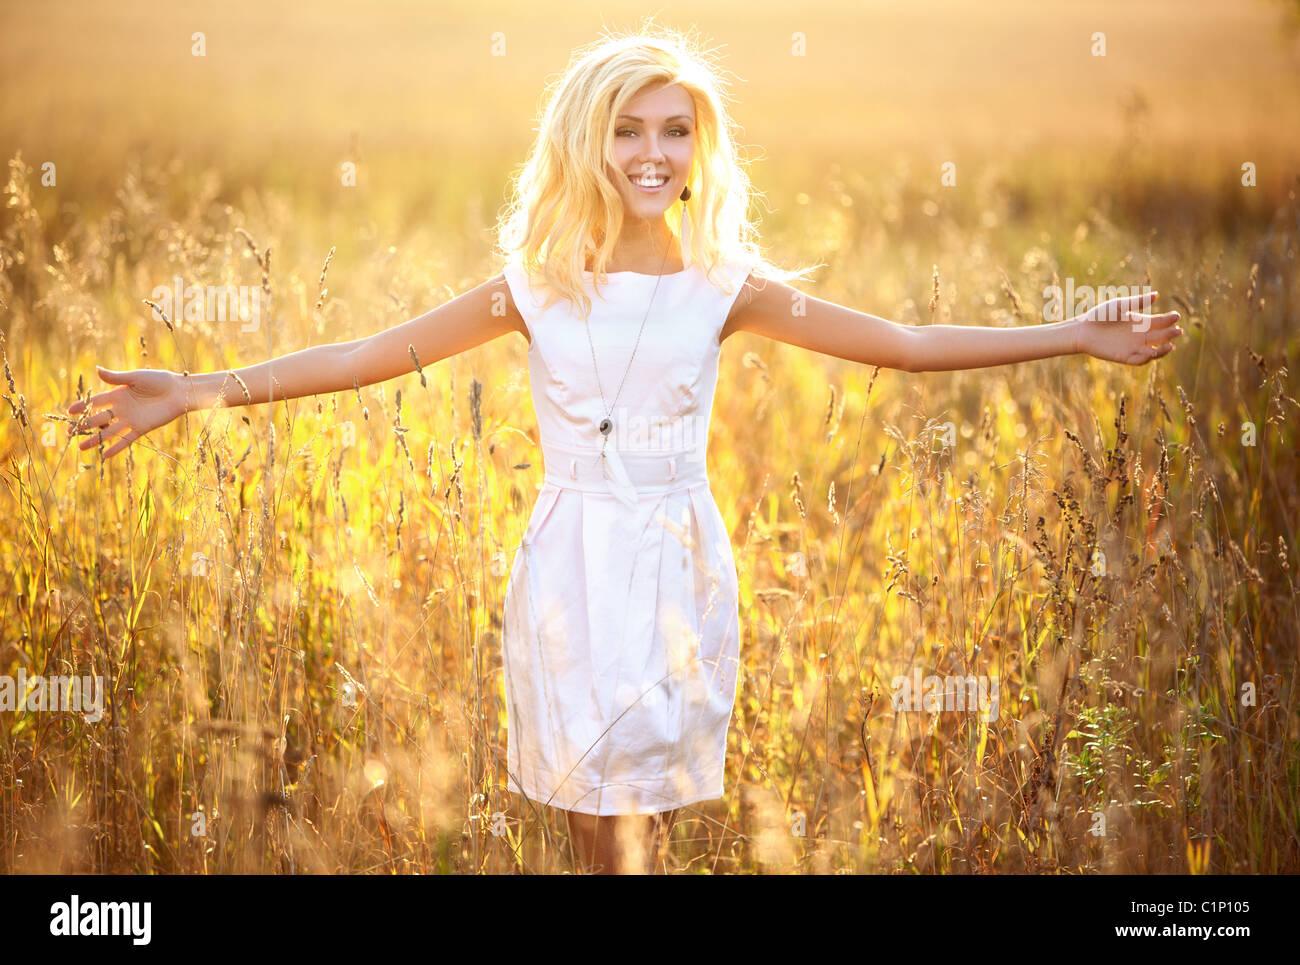 Young woman outdoors portrait. Jaune soleil. Banque D'Images